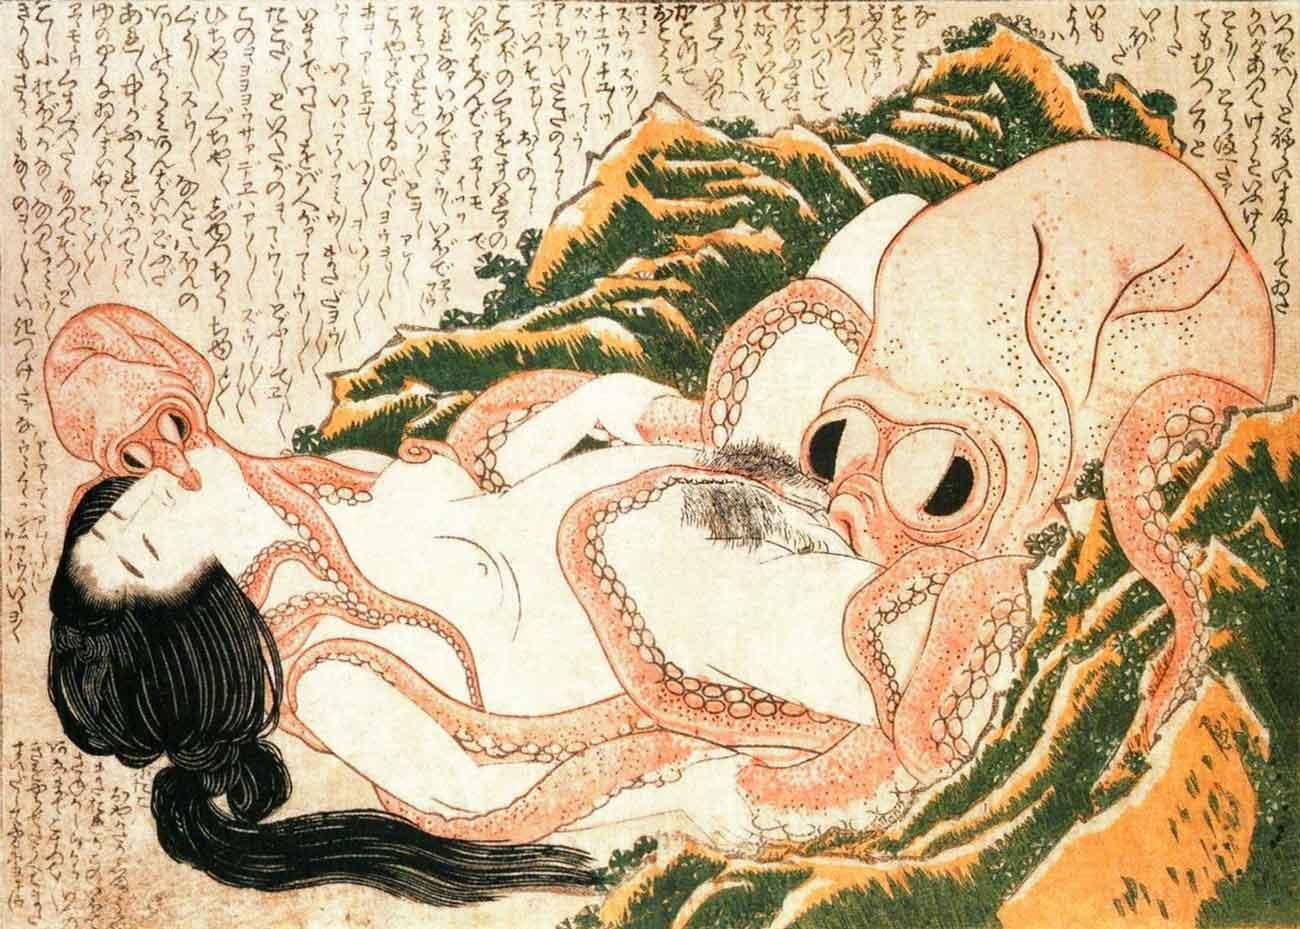 The Dream of the Fisherman's Wife, Shunga Woodblock Print by Katsushika Hokusai, 1814